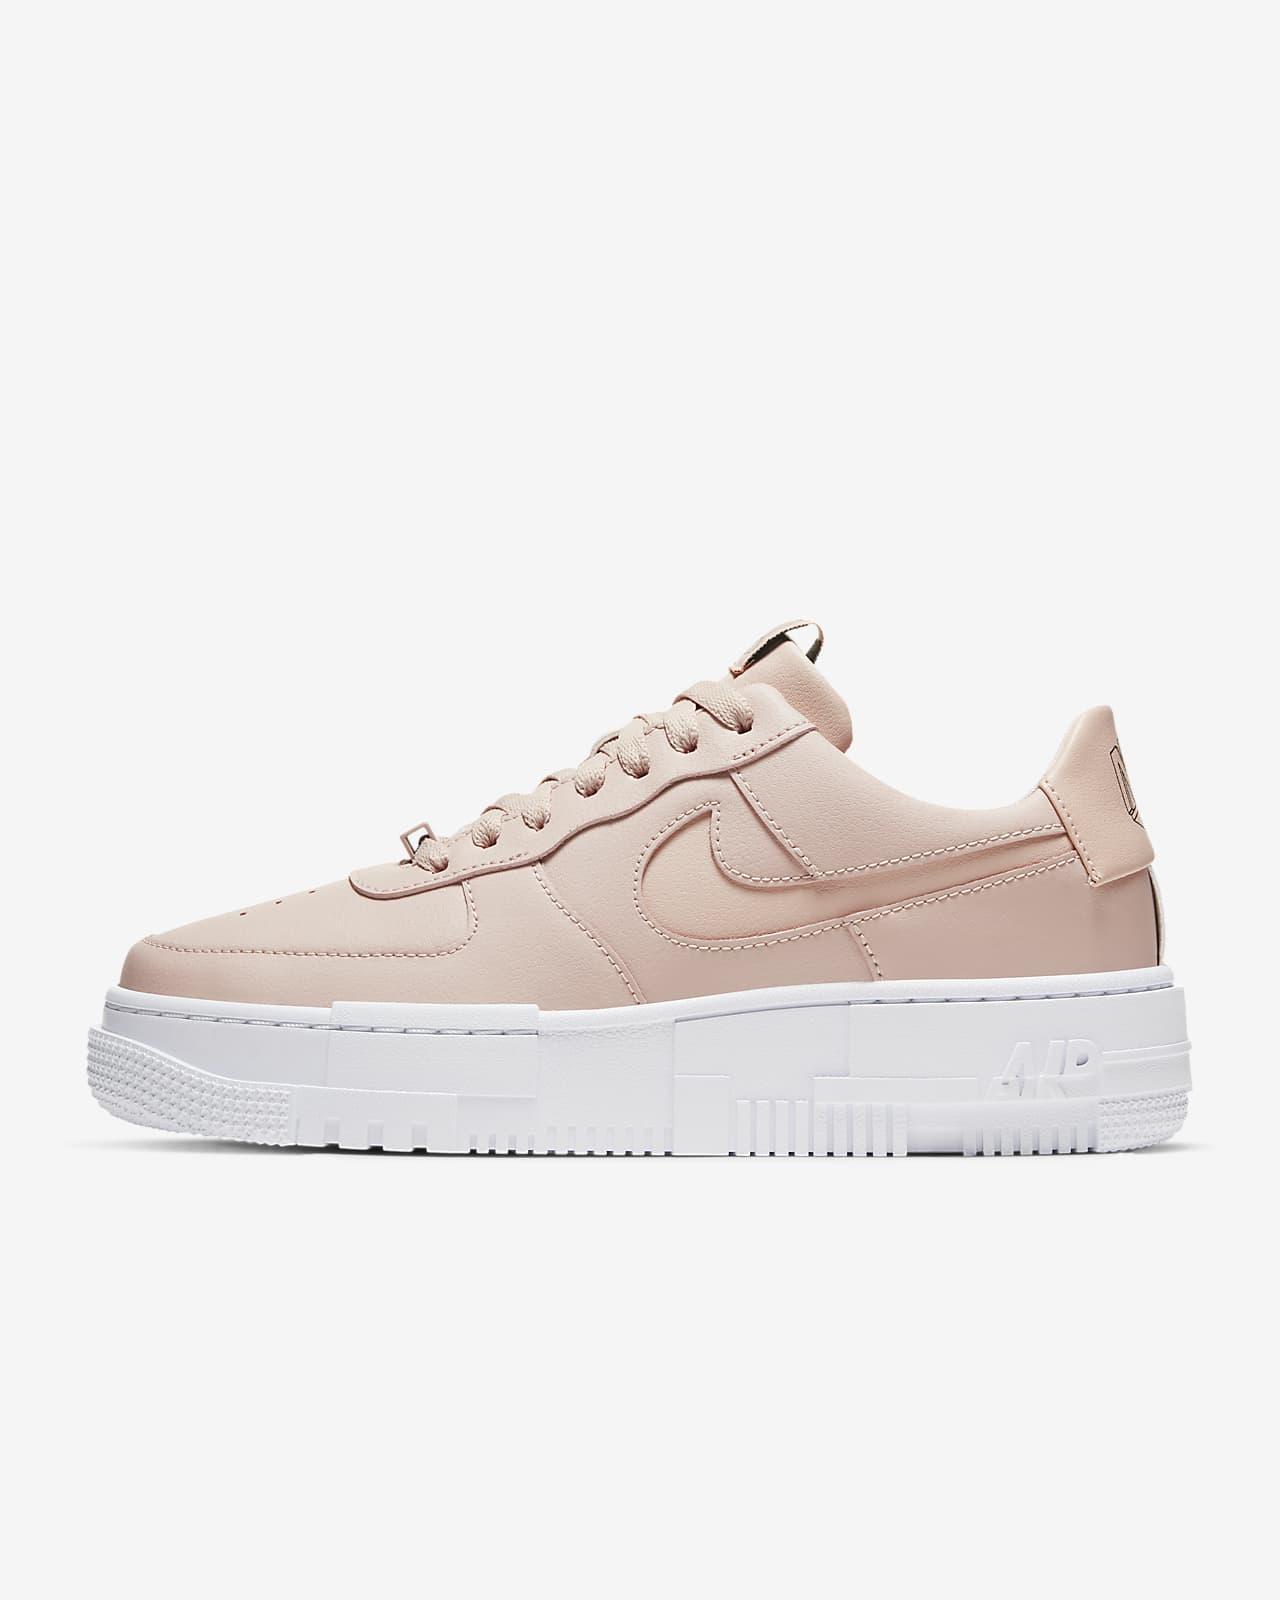 Christmas Gift Guide 2020 Nike Air Force 1 Pixel Women's Shoe